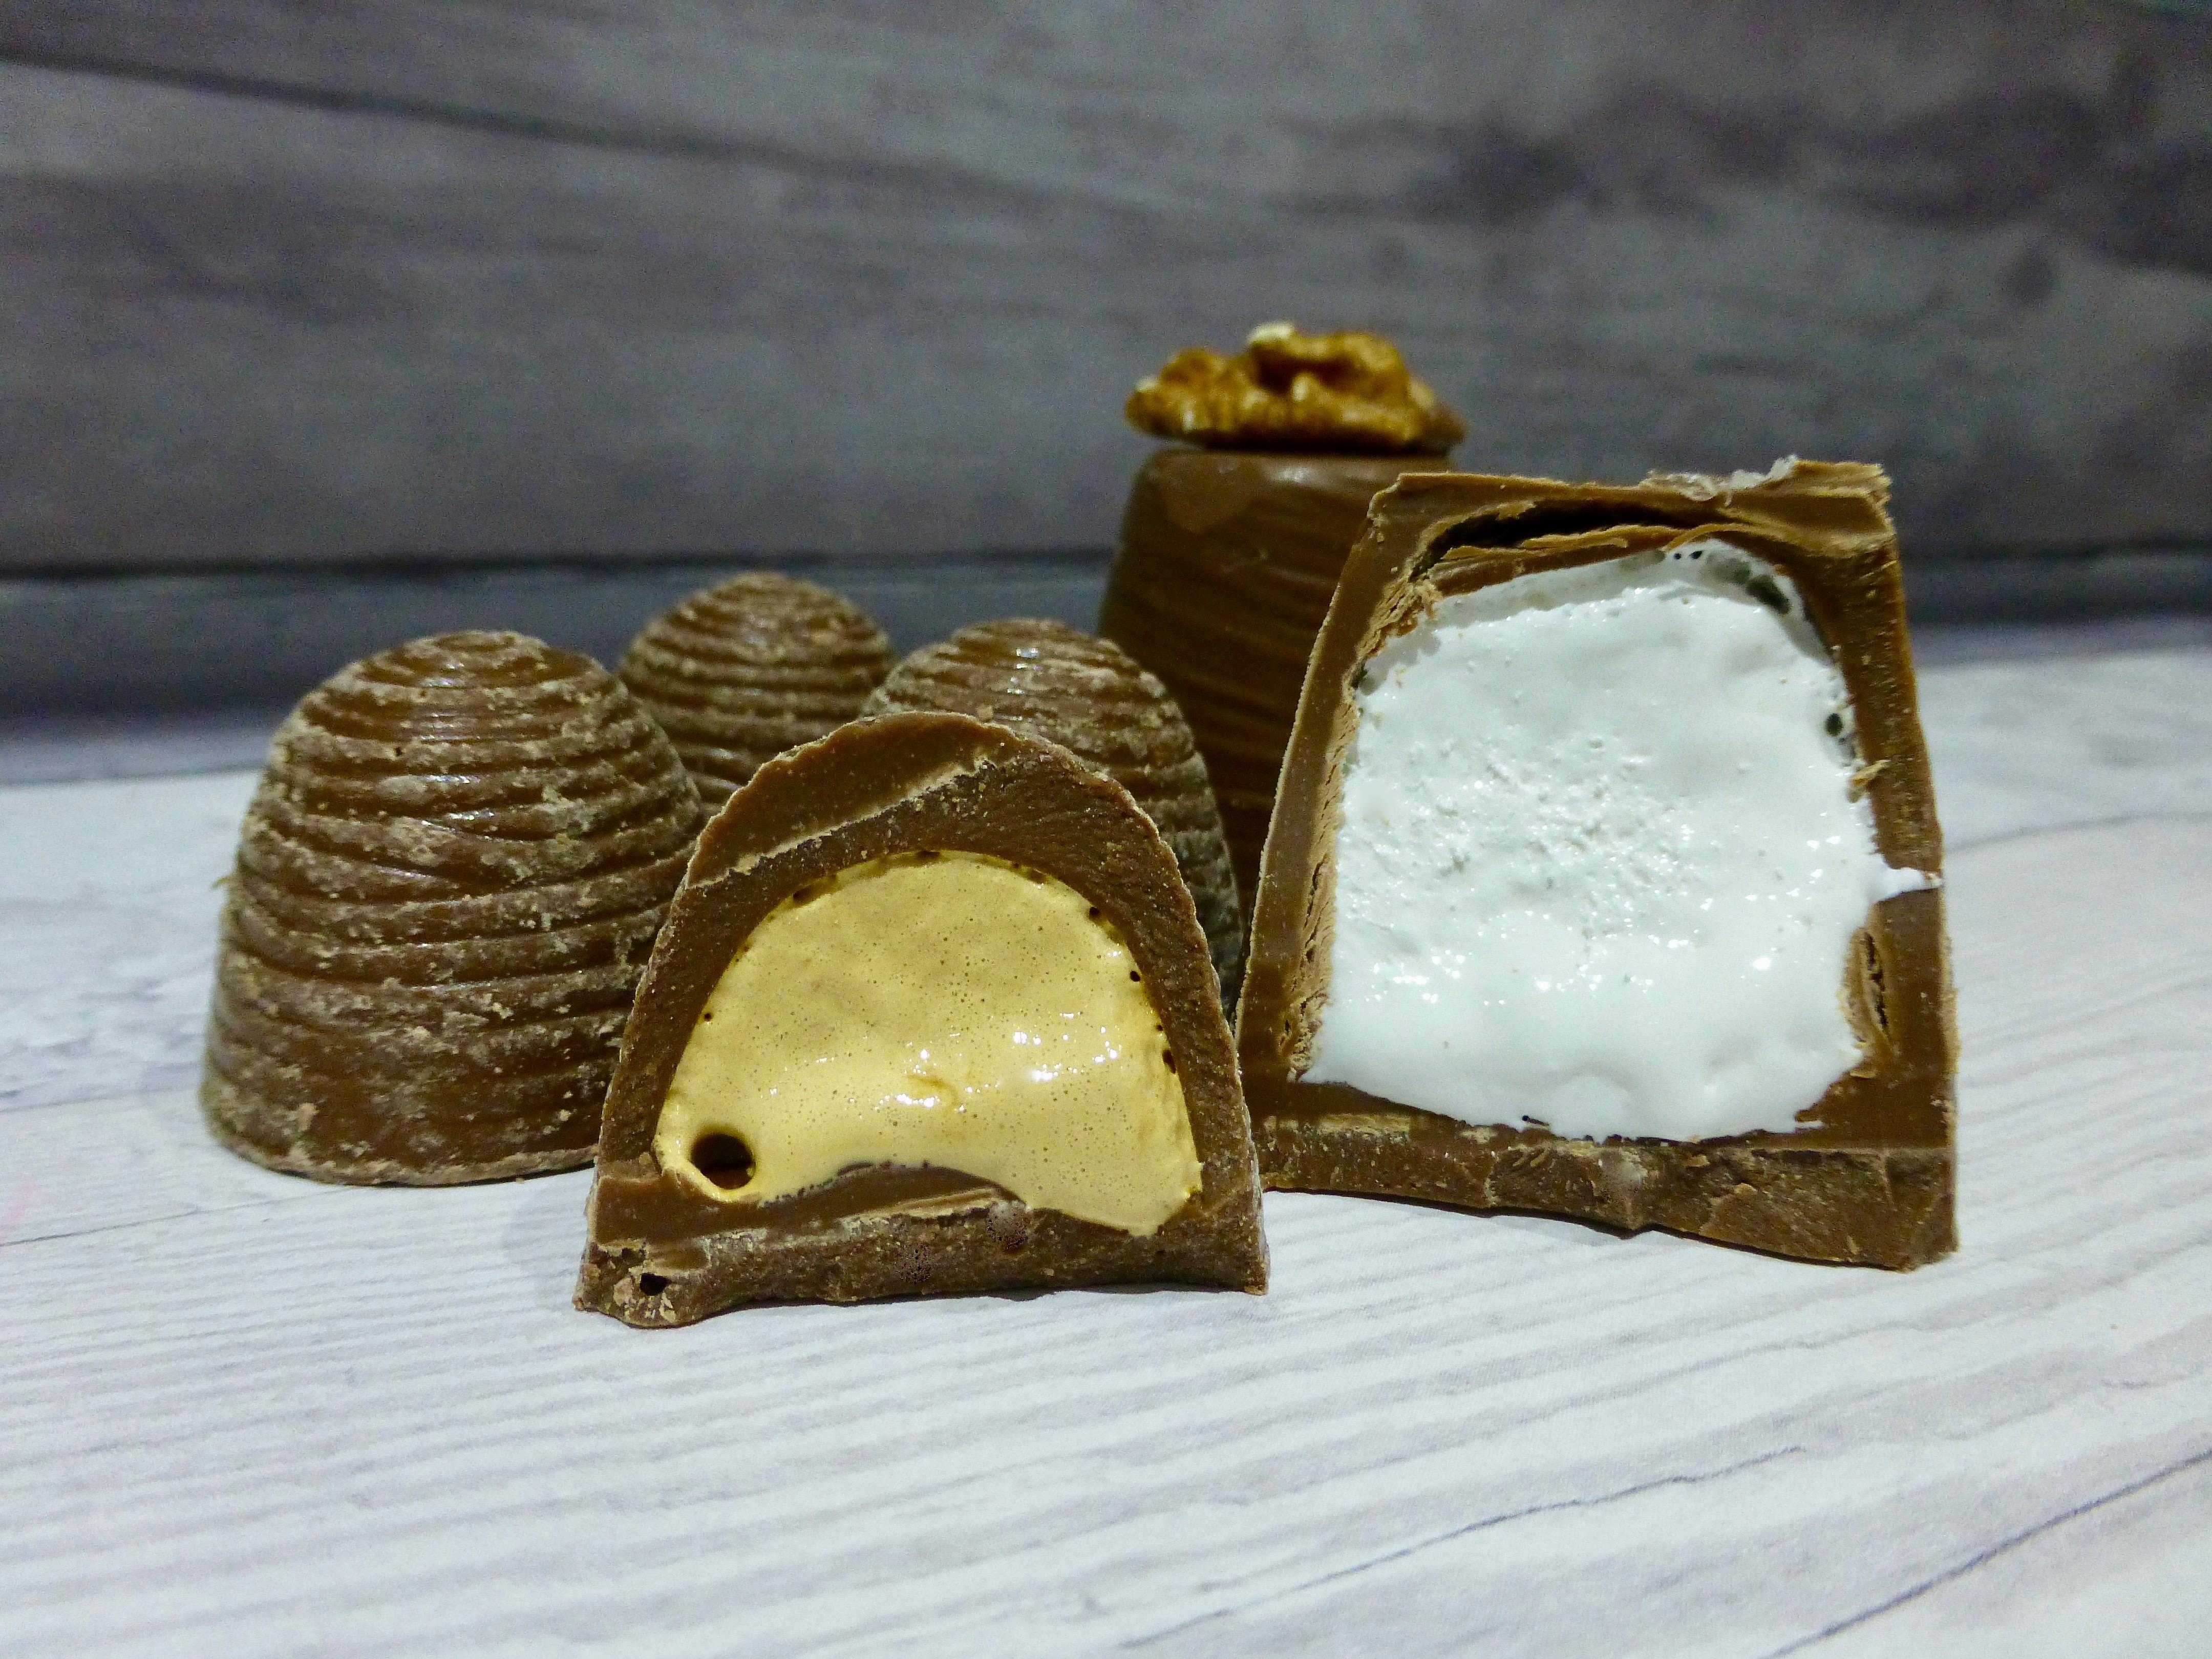 M&S Walnut Whips vs Mini Salted Caramel Whips